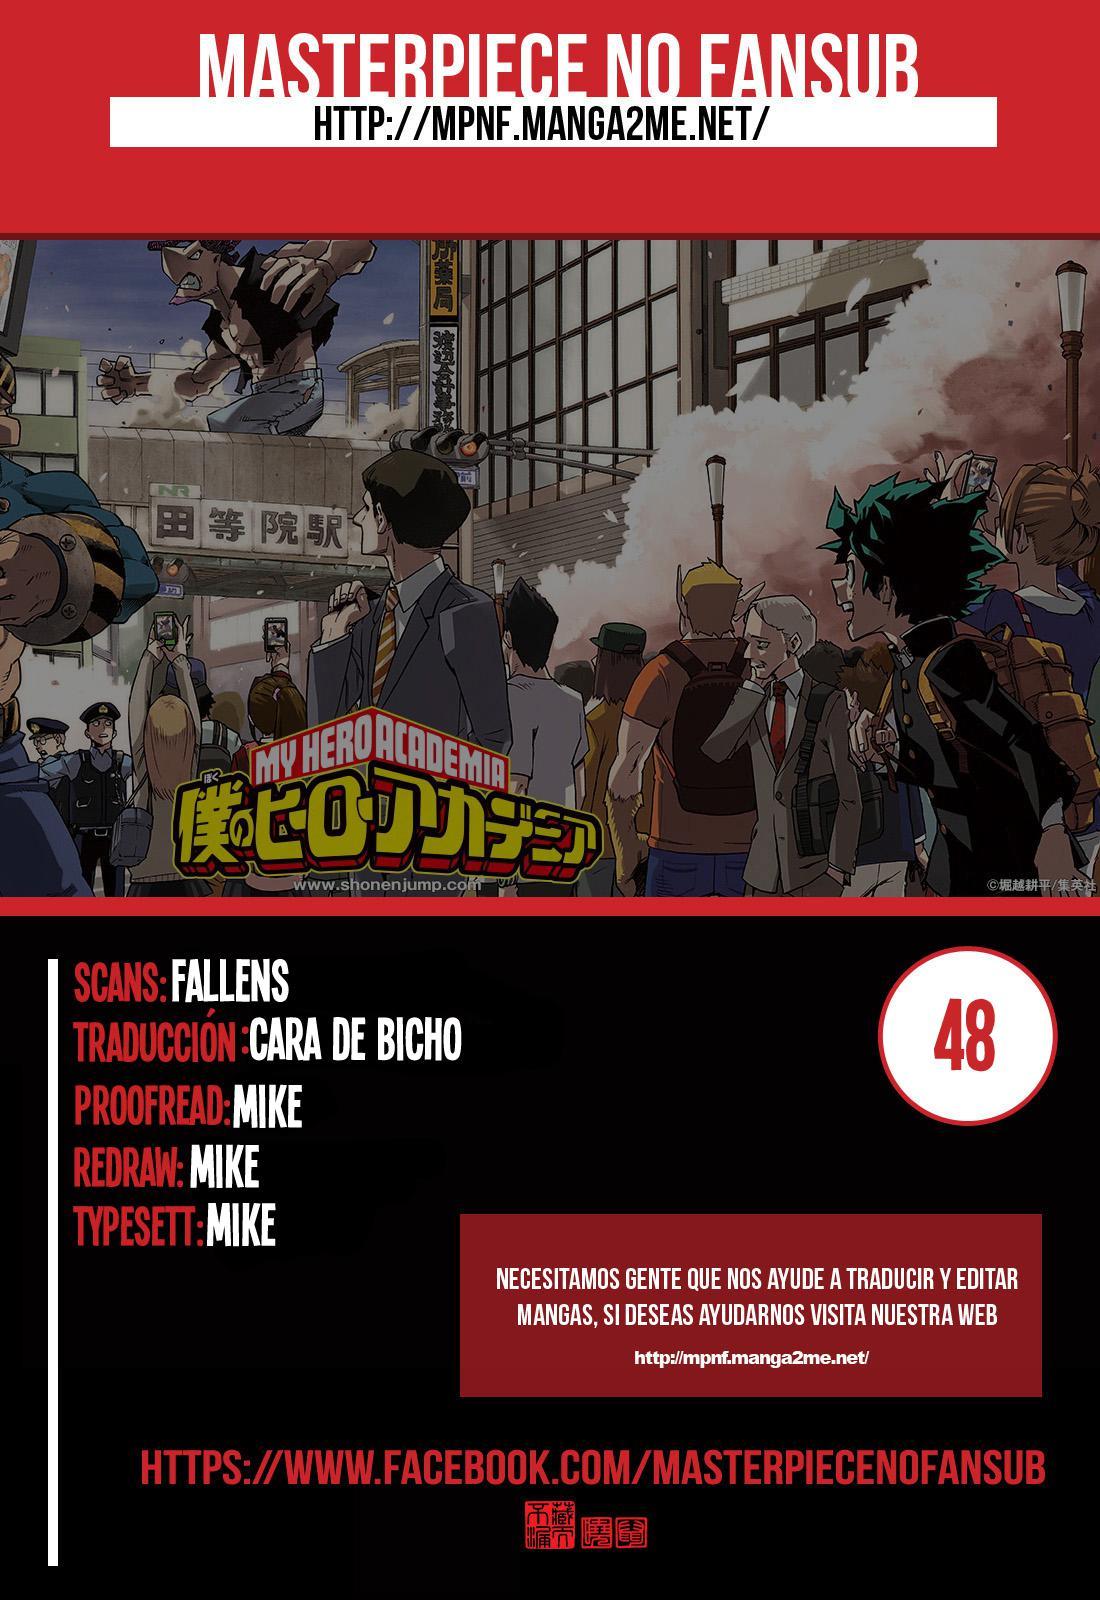 http://c5.ninemanga.com/es_manga/54/182/384029/27e8e17134dd7083b050476733207ea1.jpg Page 1